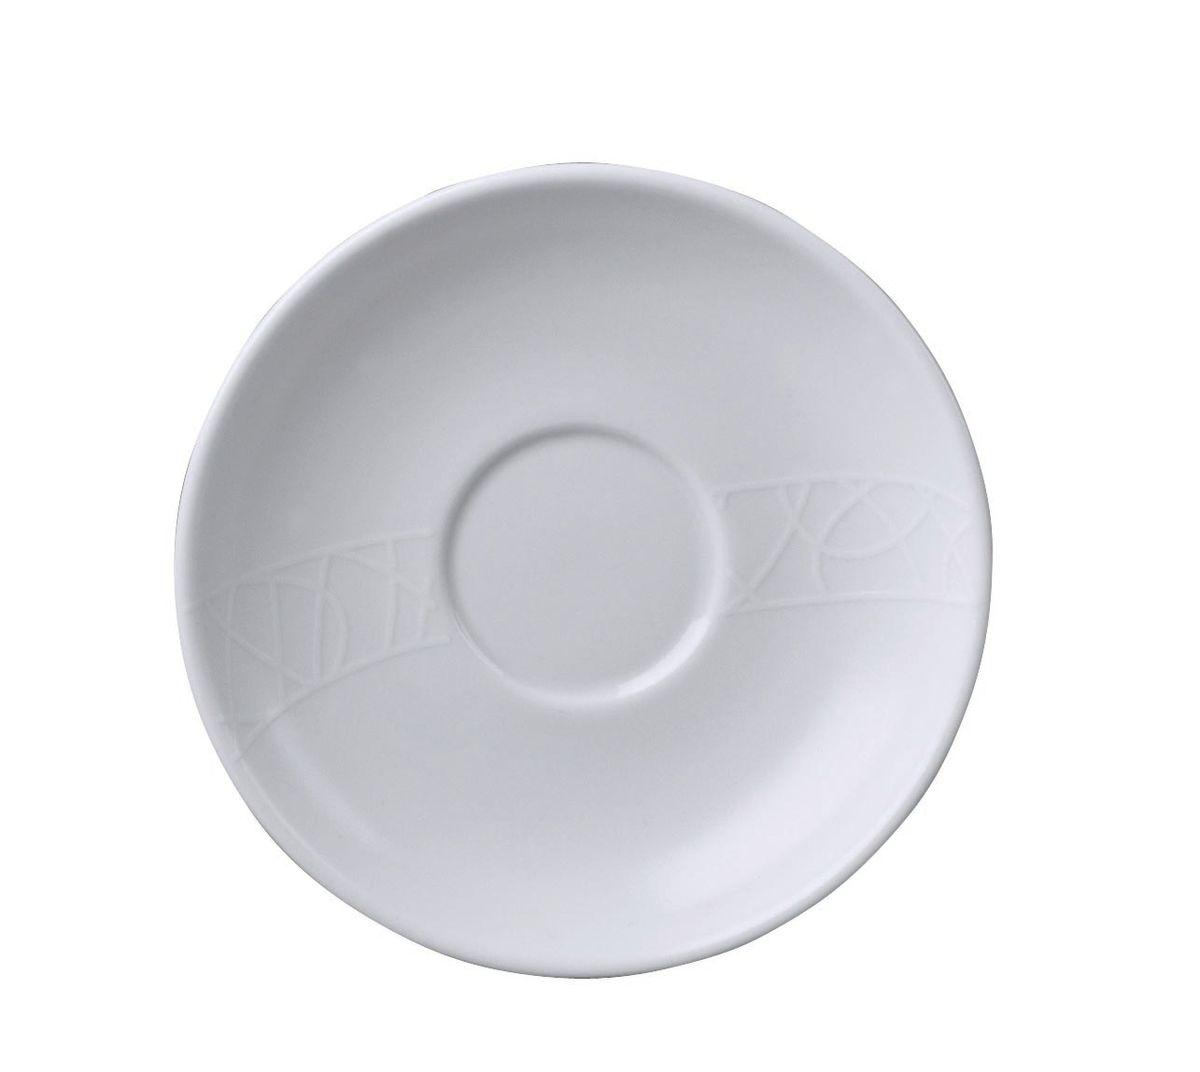 Блюдце кофейное Churchill, диаметр 13,5 см. 670202501670202501Джейми Оливер. Простой орнамент с тонкими текстурными линиями. Коллекция «Белое на белом» - лёгкий и непринуждённый стиль. Посуда этой коллекции износостойкая и ударопрочная.